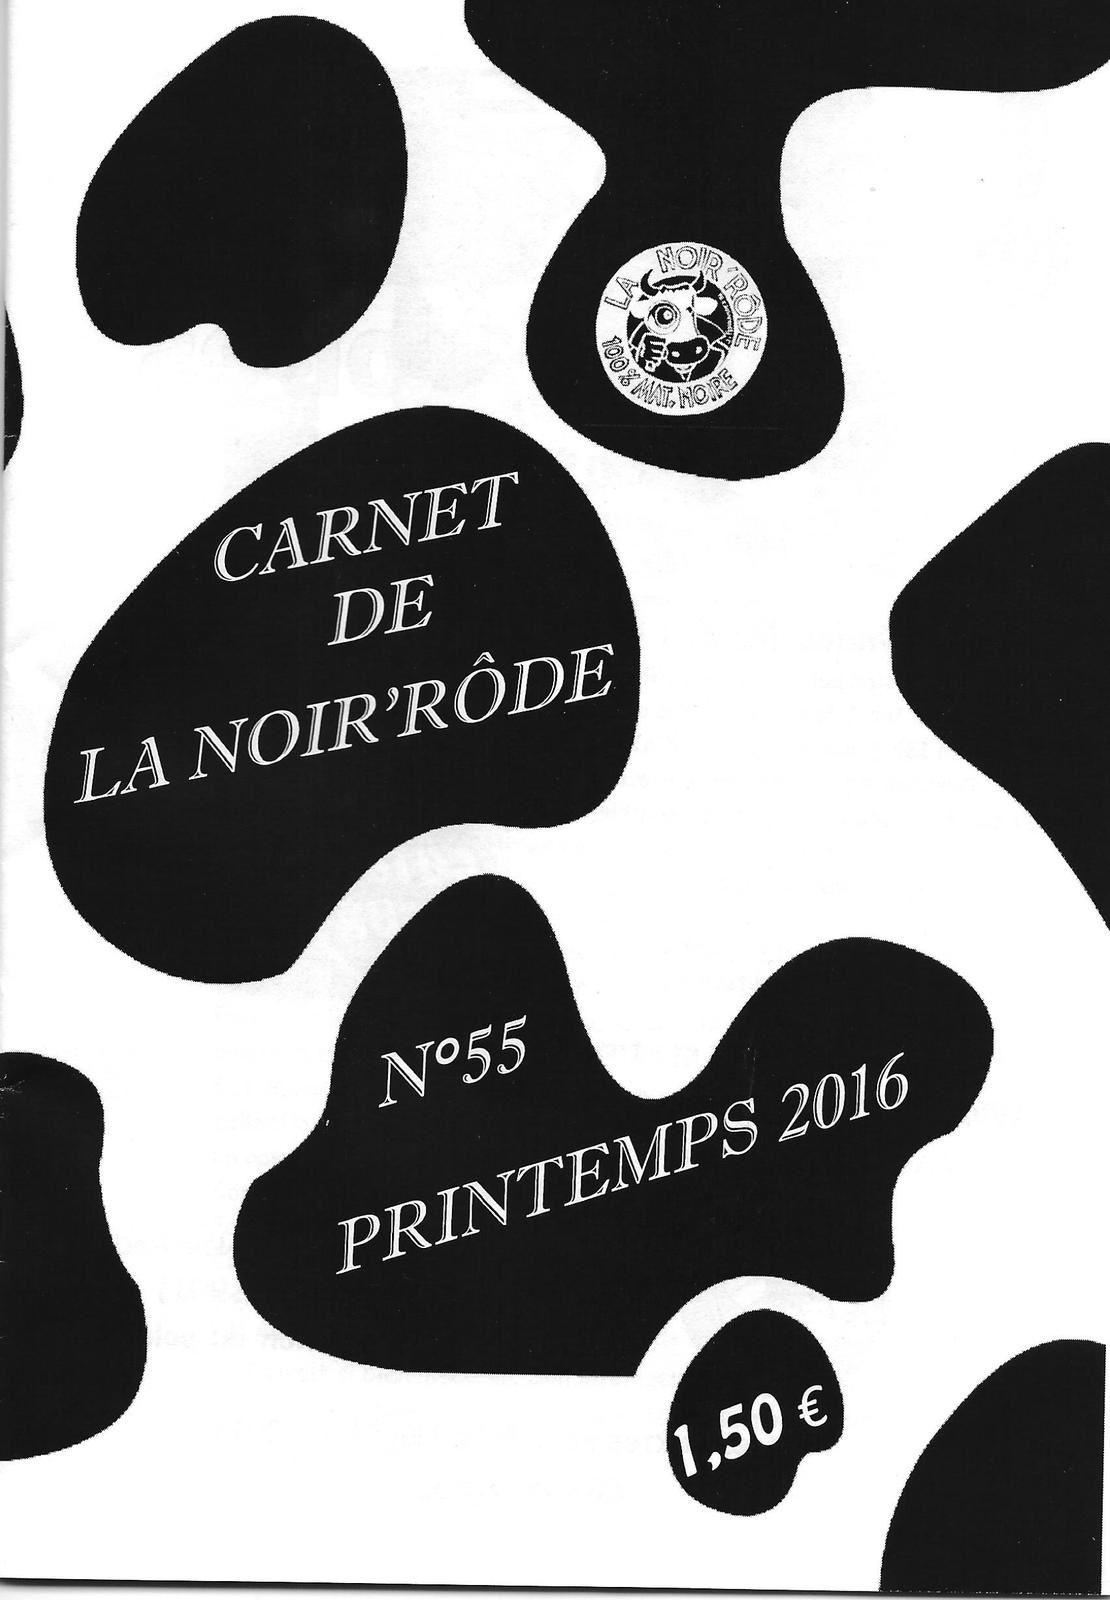 Le nouveau Carnet de la Noir'Rôde, n° 55, vient de sortir.